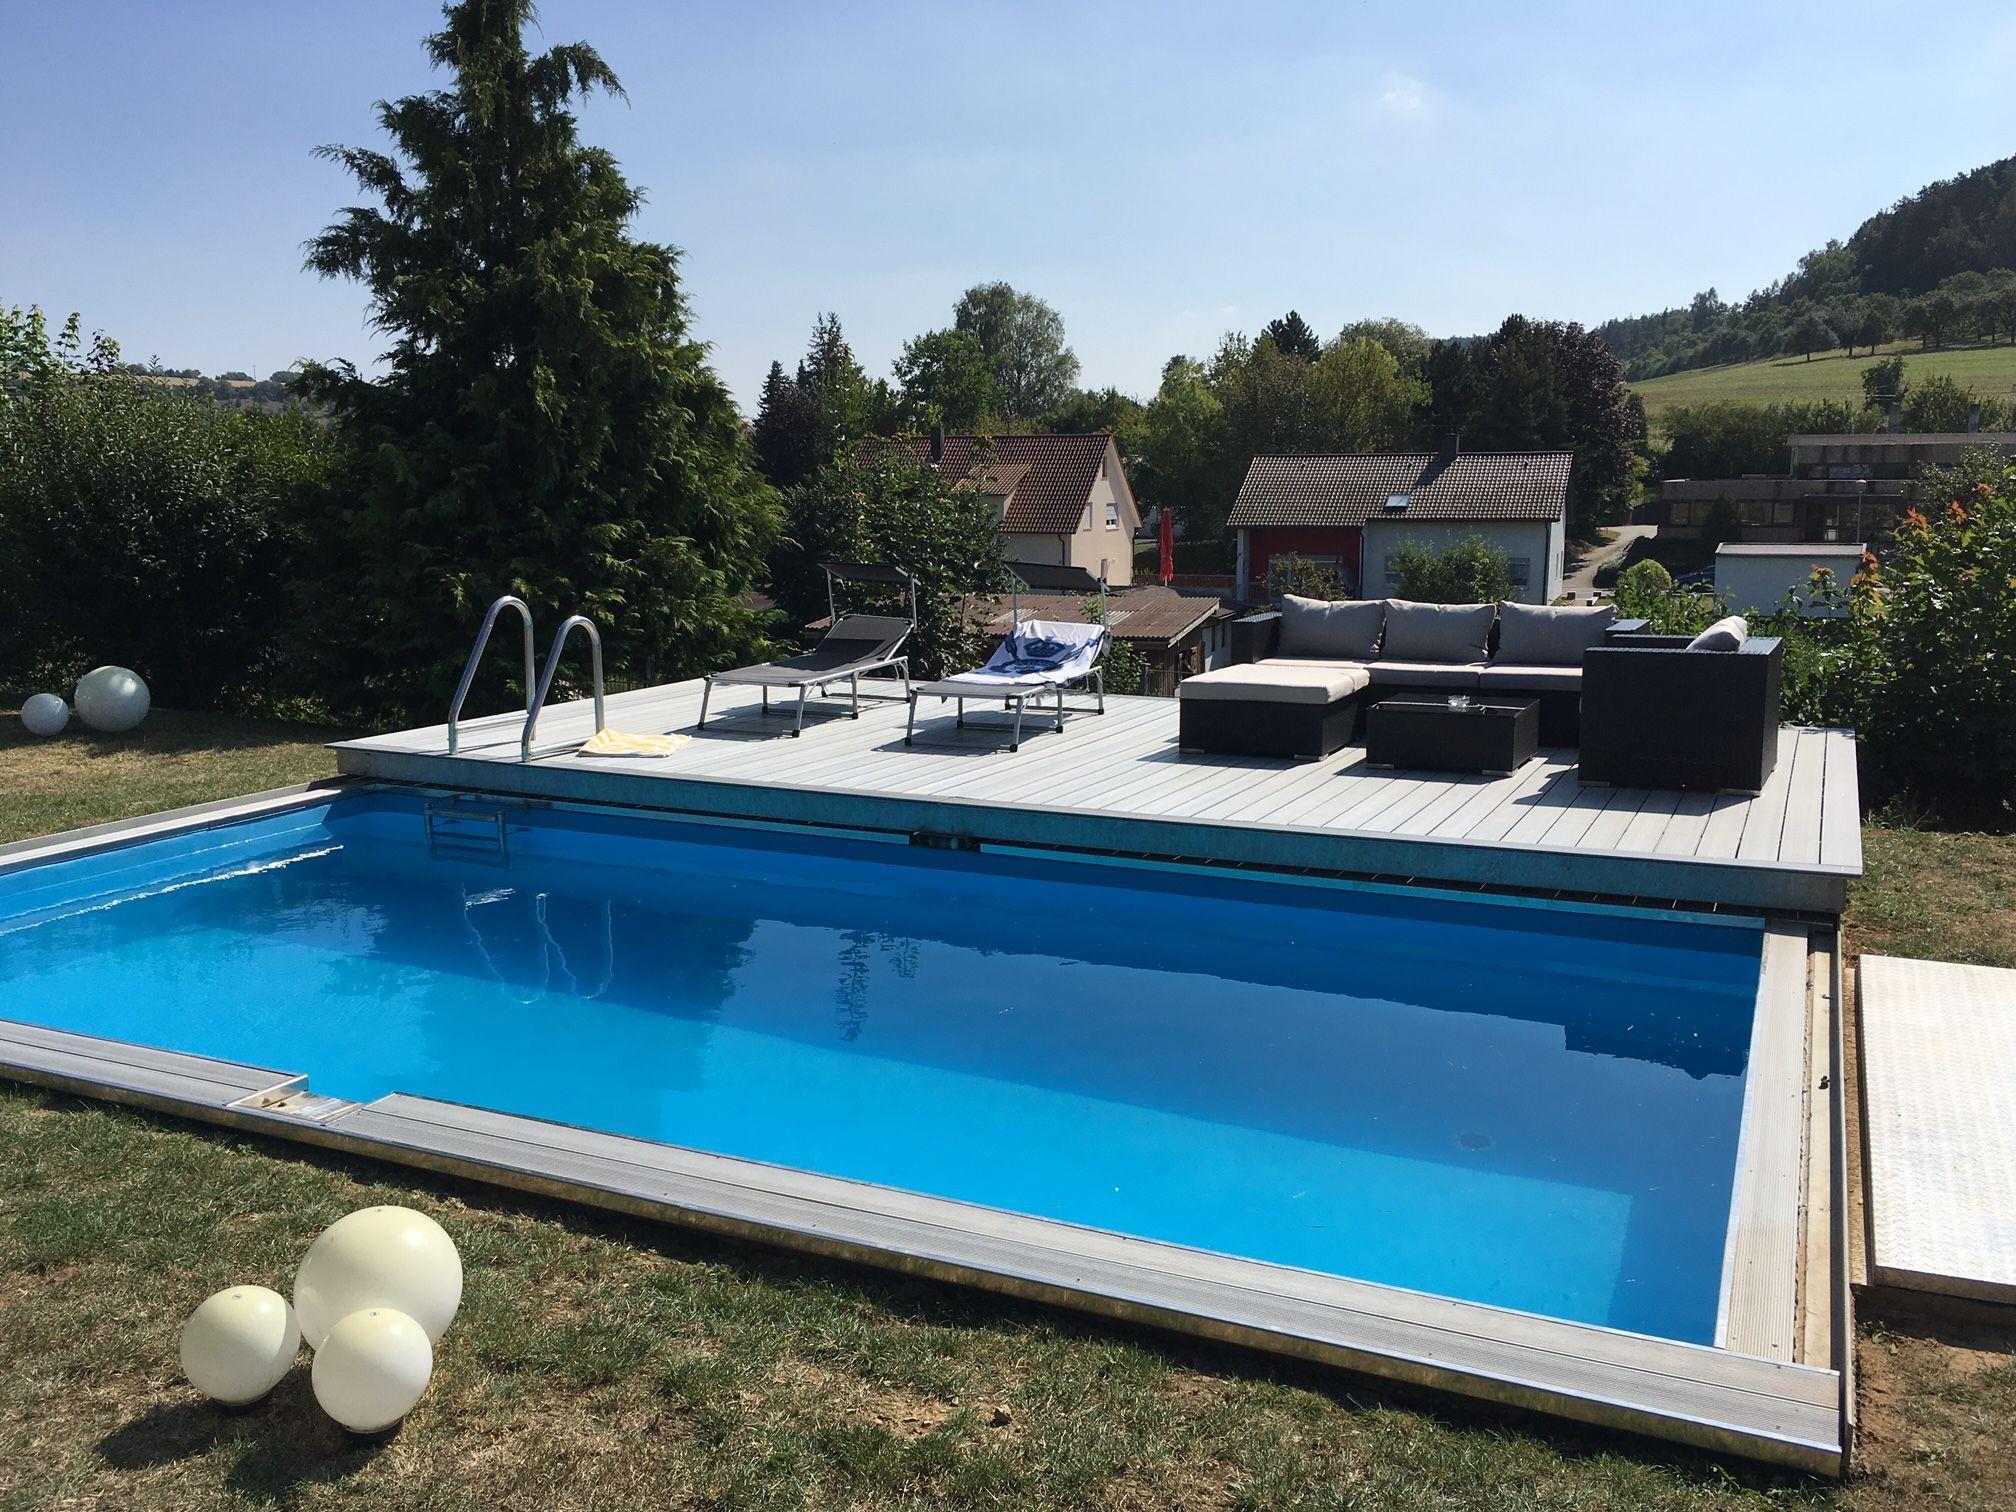 selbstbau pool mit verschiebbarem deck was f r eine geniale idee bei badewetter wird das. Black Bedroom Furniture Sets. Home Design Ideas